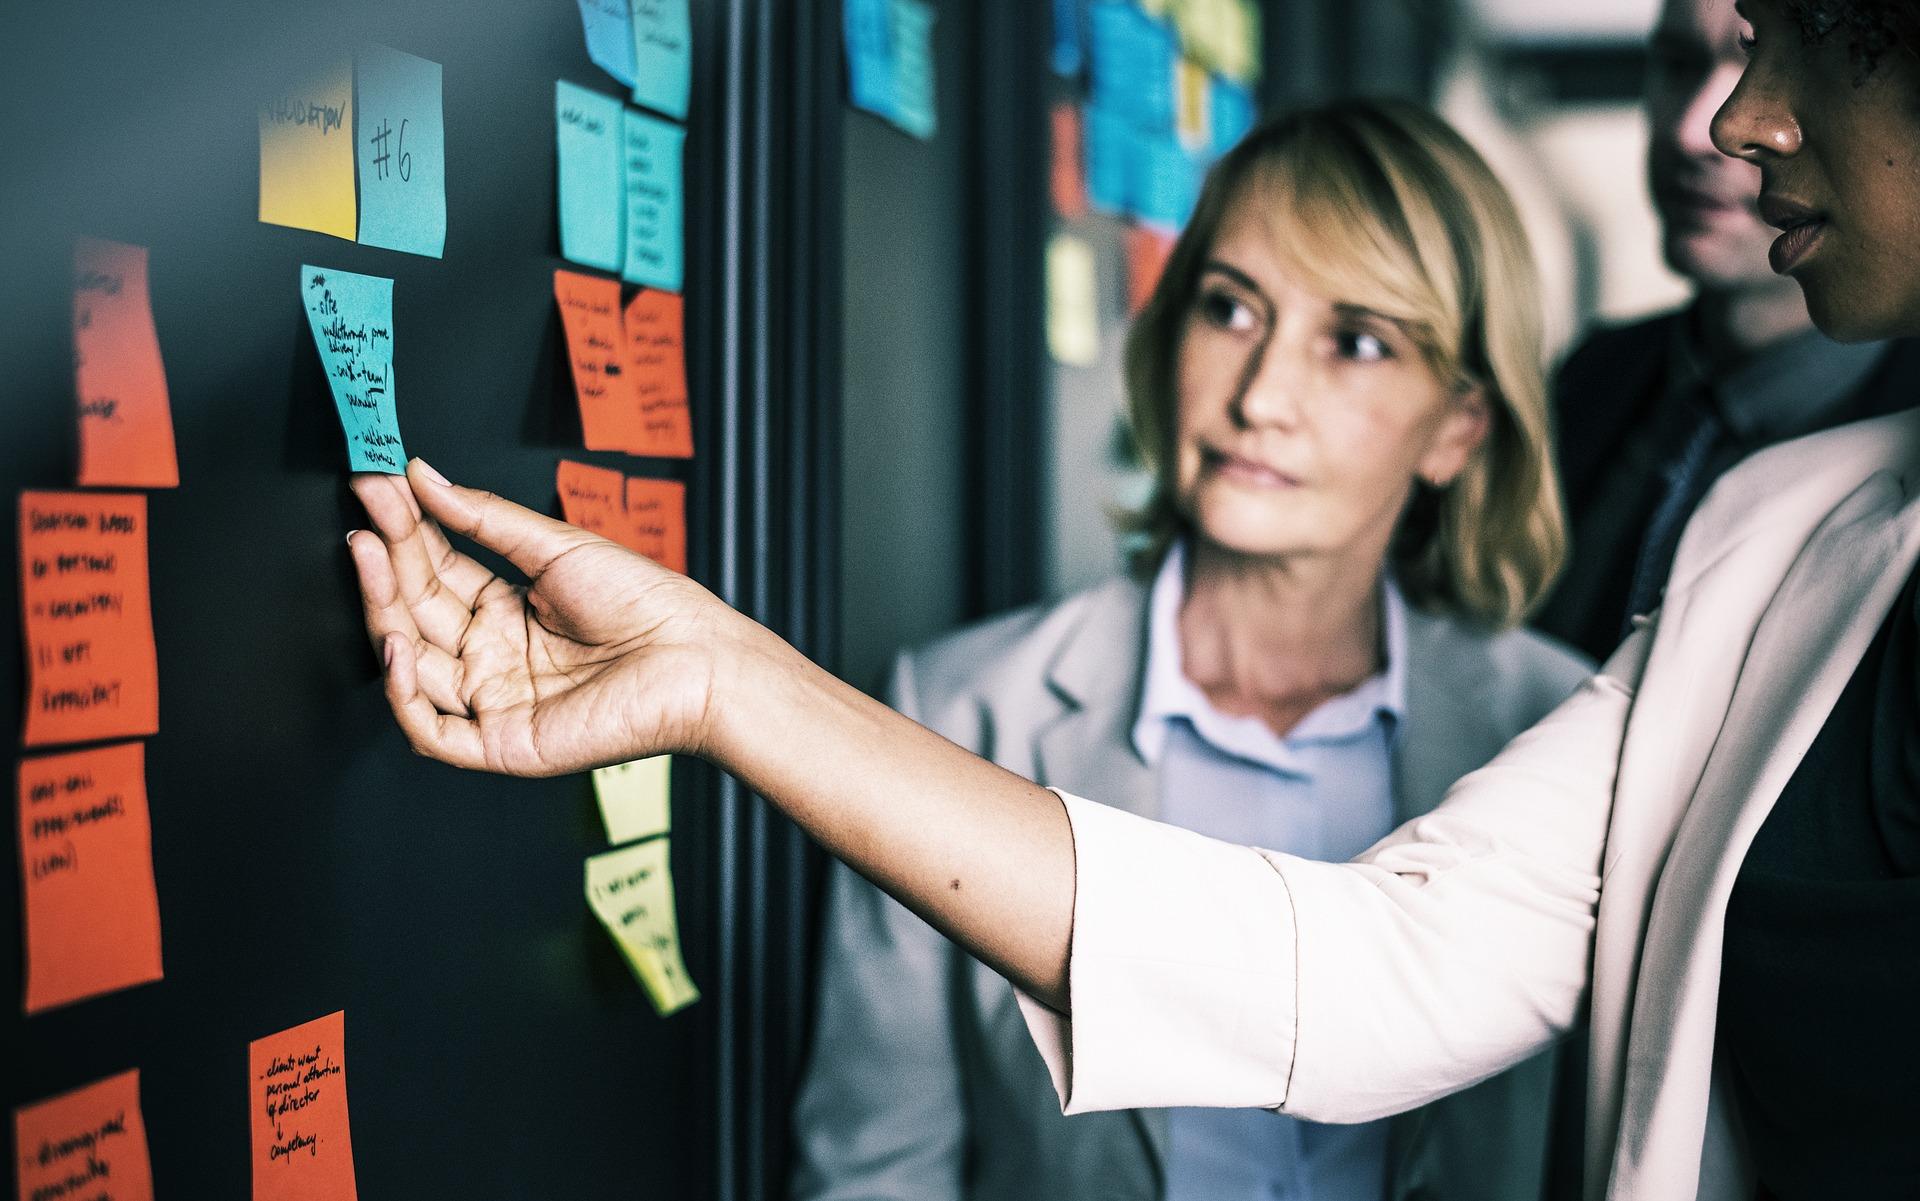 Aplicar la responsabilidad social corporativa compete a todos los participantes de la empresa. Los empresarios deben ser socialmente responsables para que las empresas lo sean.